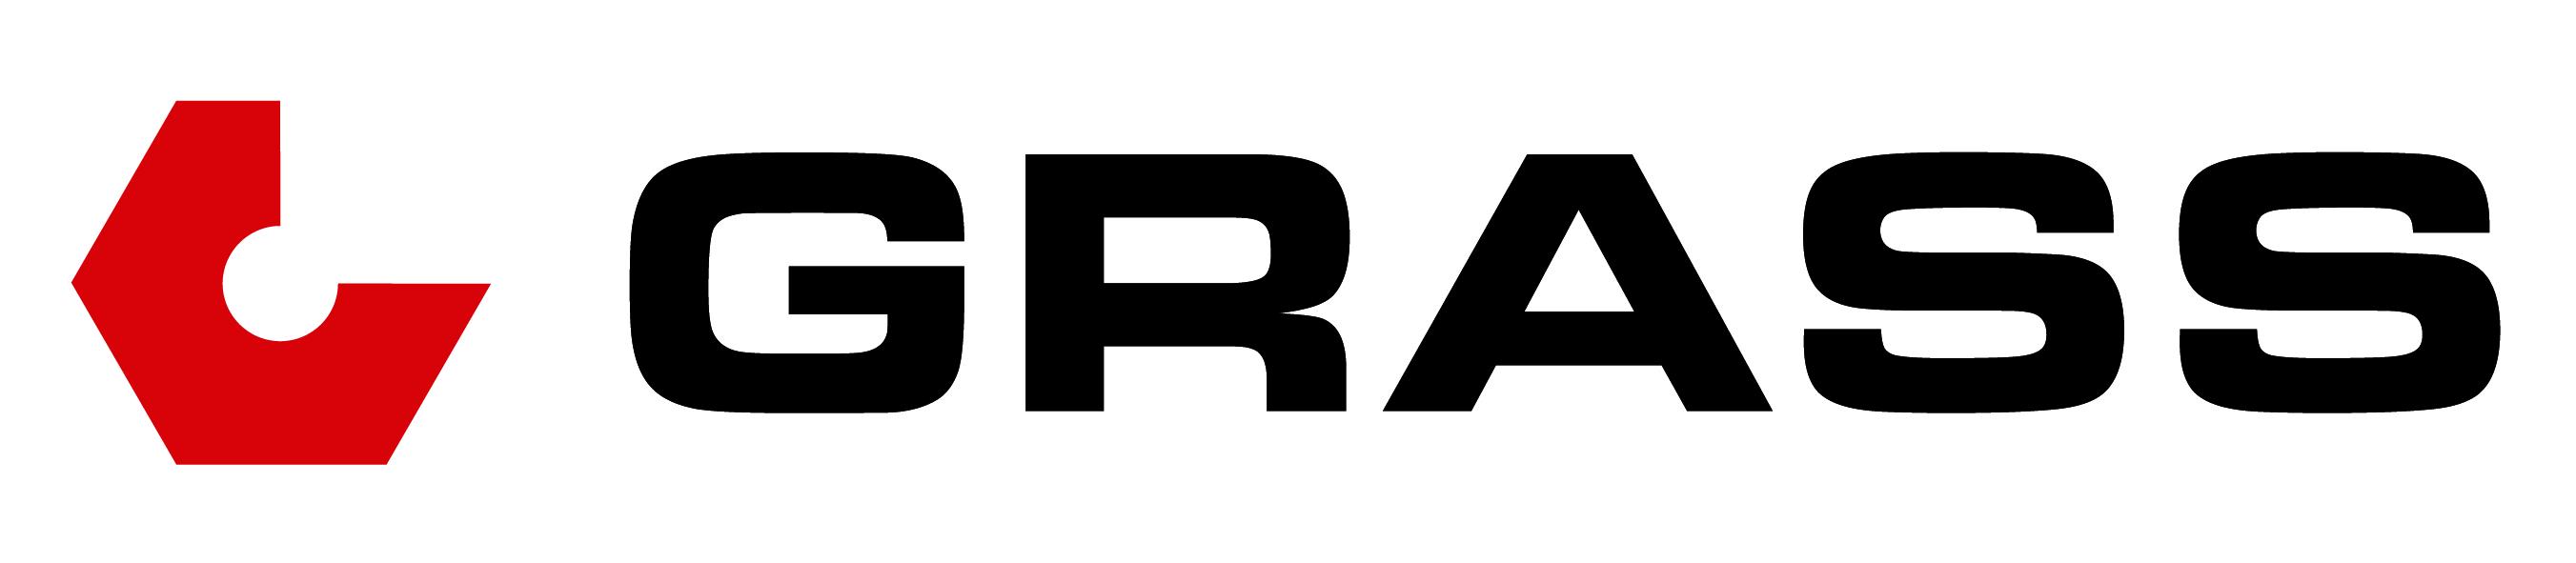 Robert Grass GmbH & Co. KG